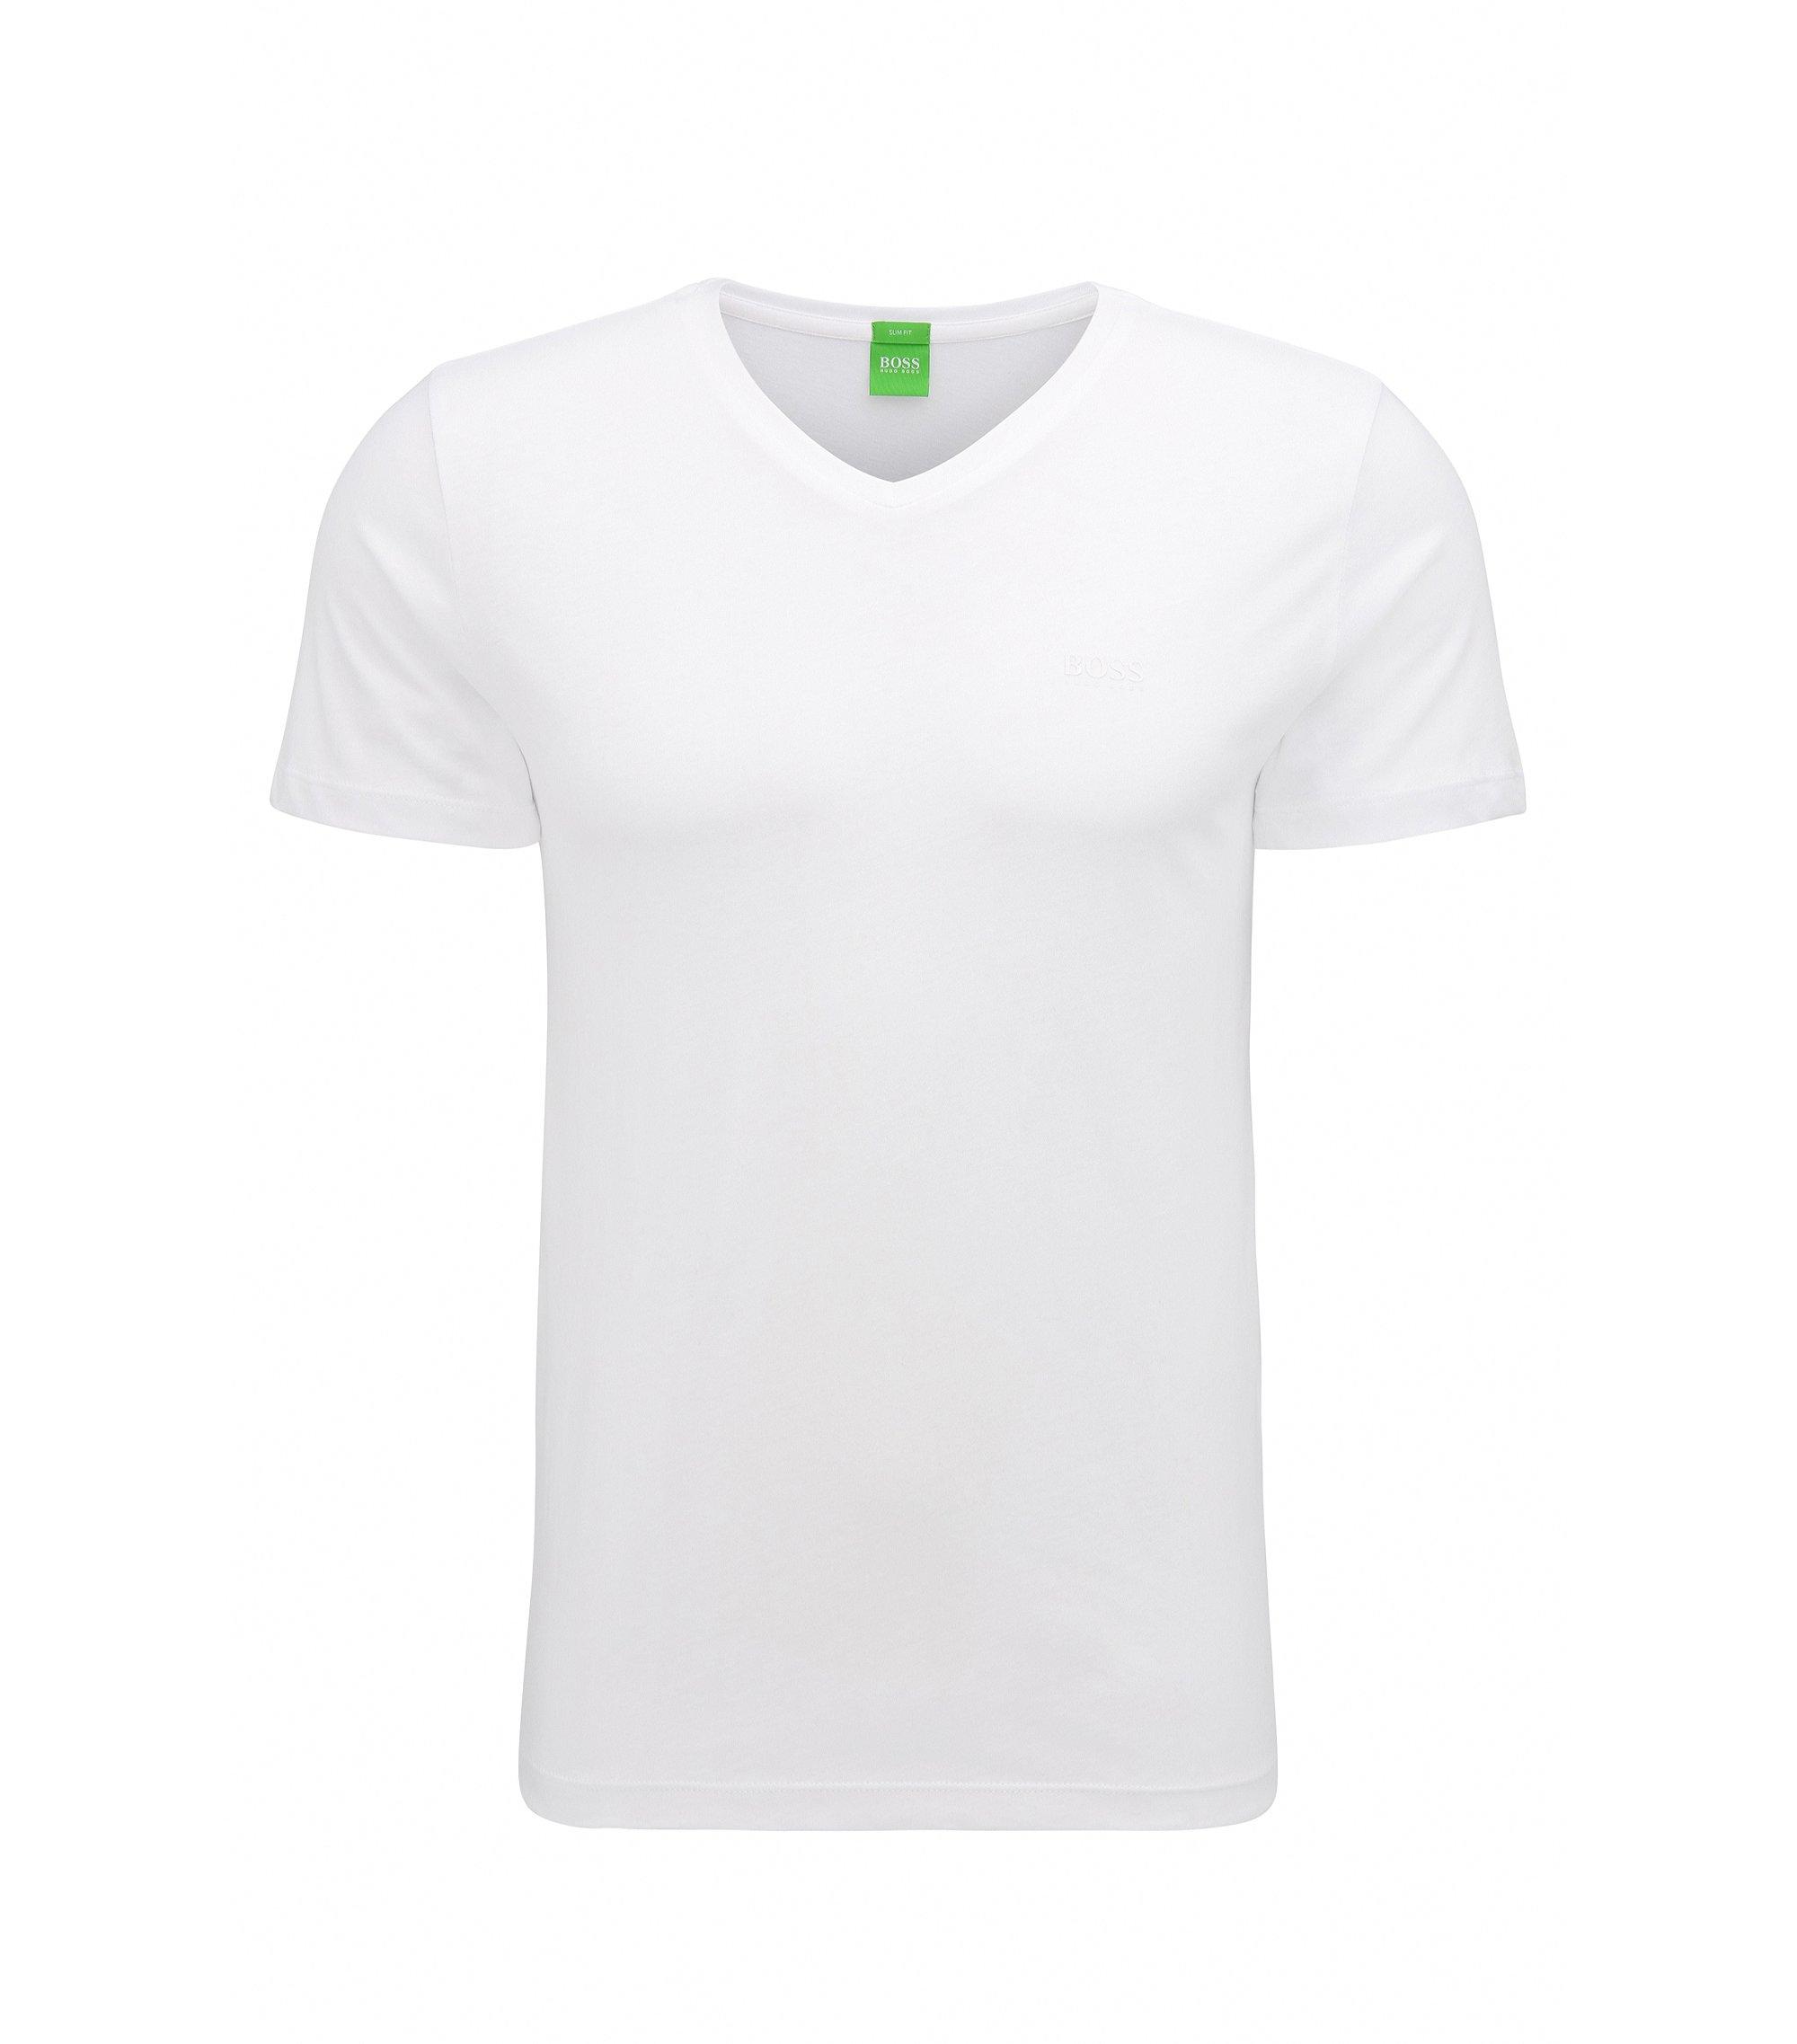 Slim-Fit T-Shirt aus weicher Baumwolle von BOSS Green, Weiß